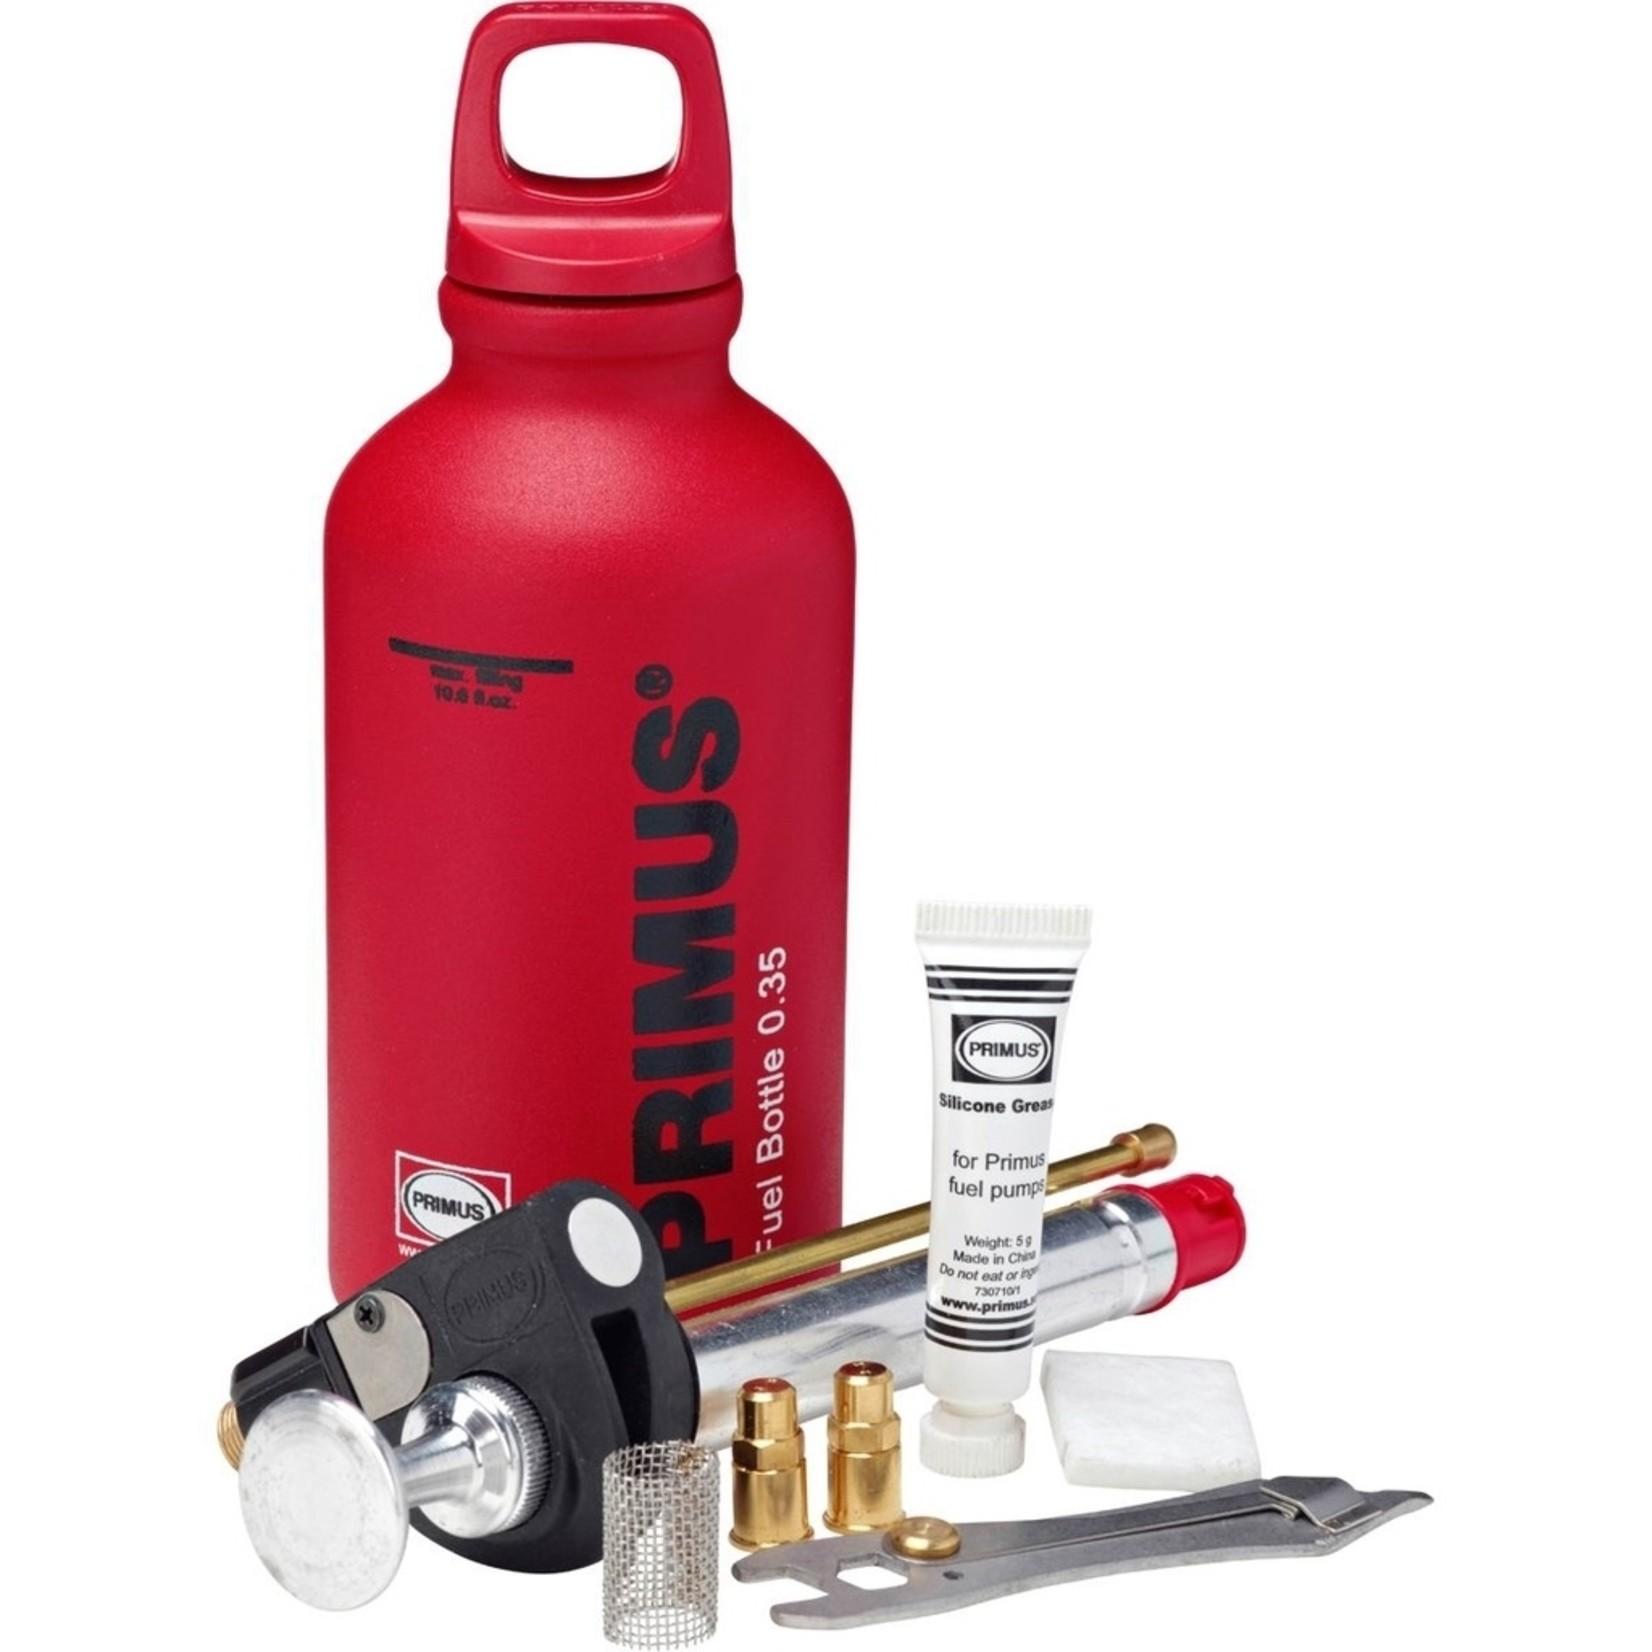 Primus Primus Eta Spider/Spider Stove multifuel kit voor vloeibare brandstof